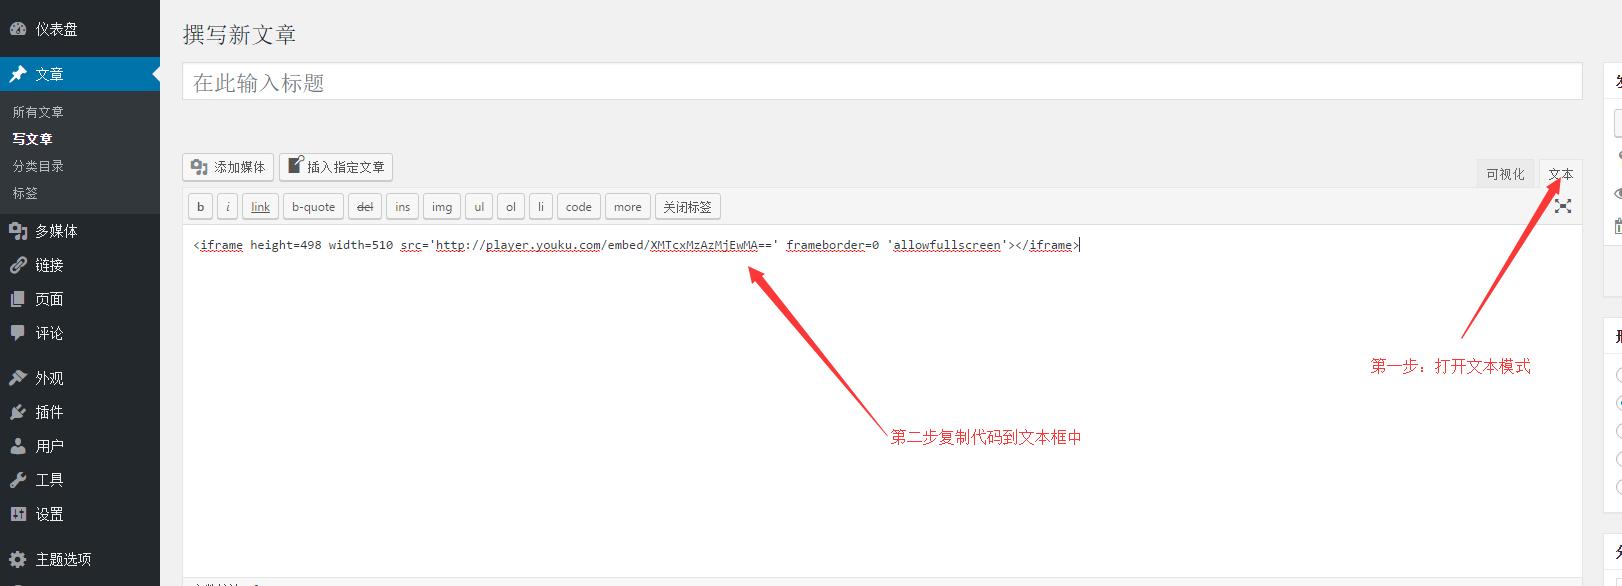 WordPress如何插入视频网站的视频源-苏醒主题